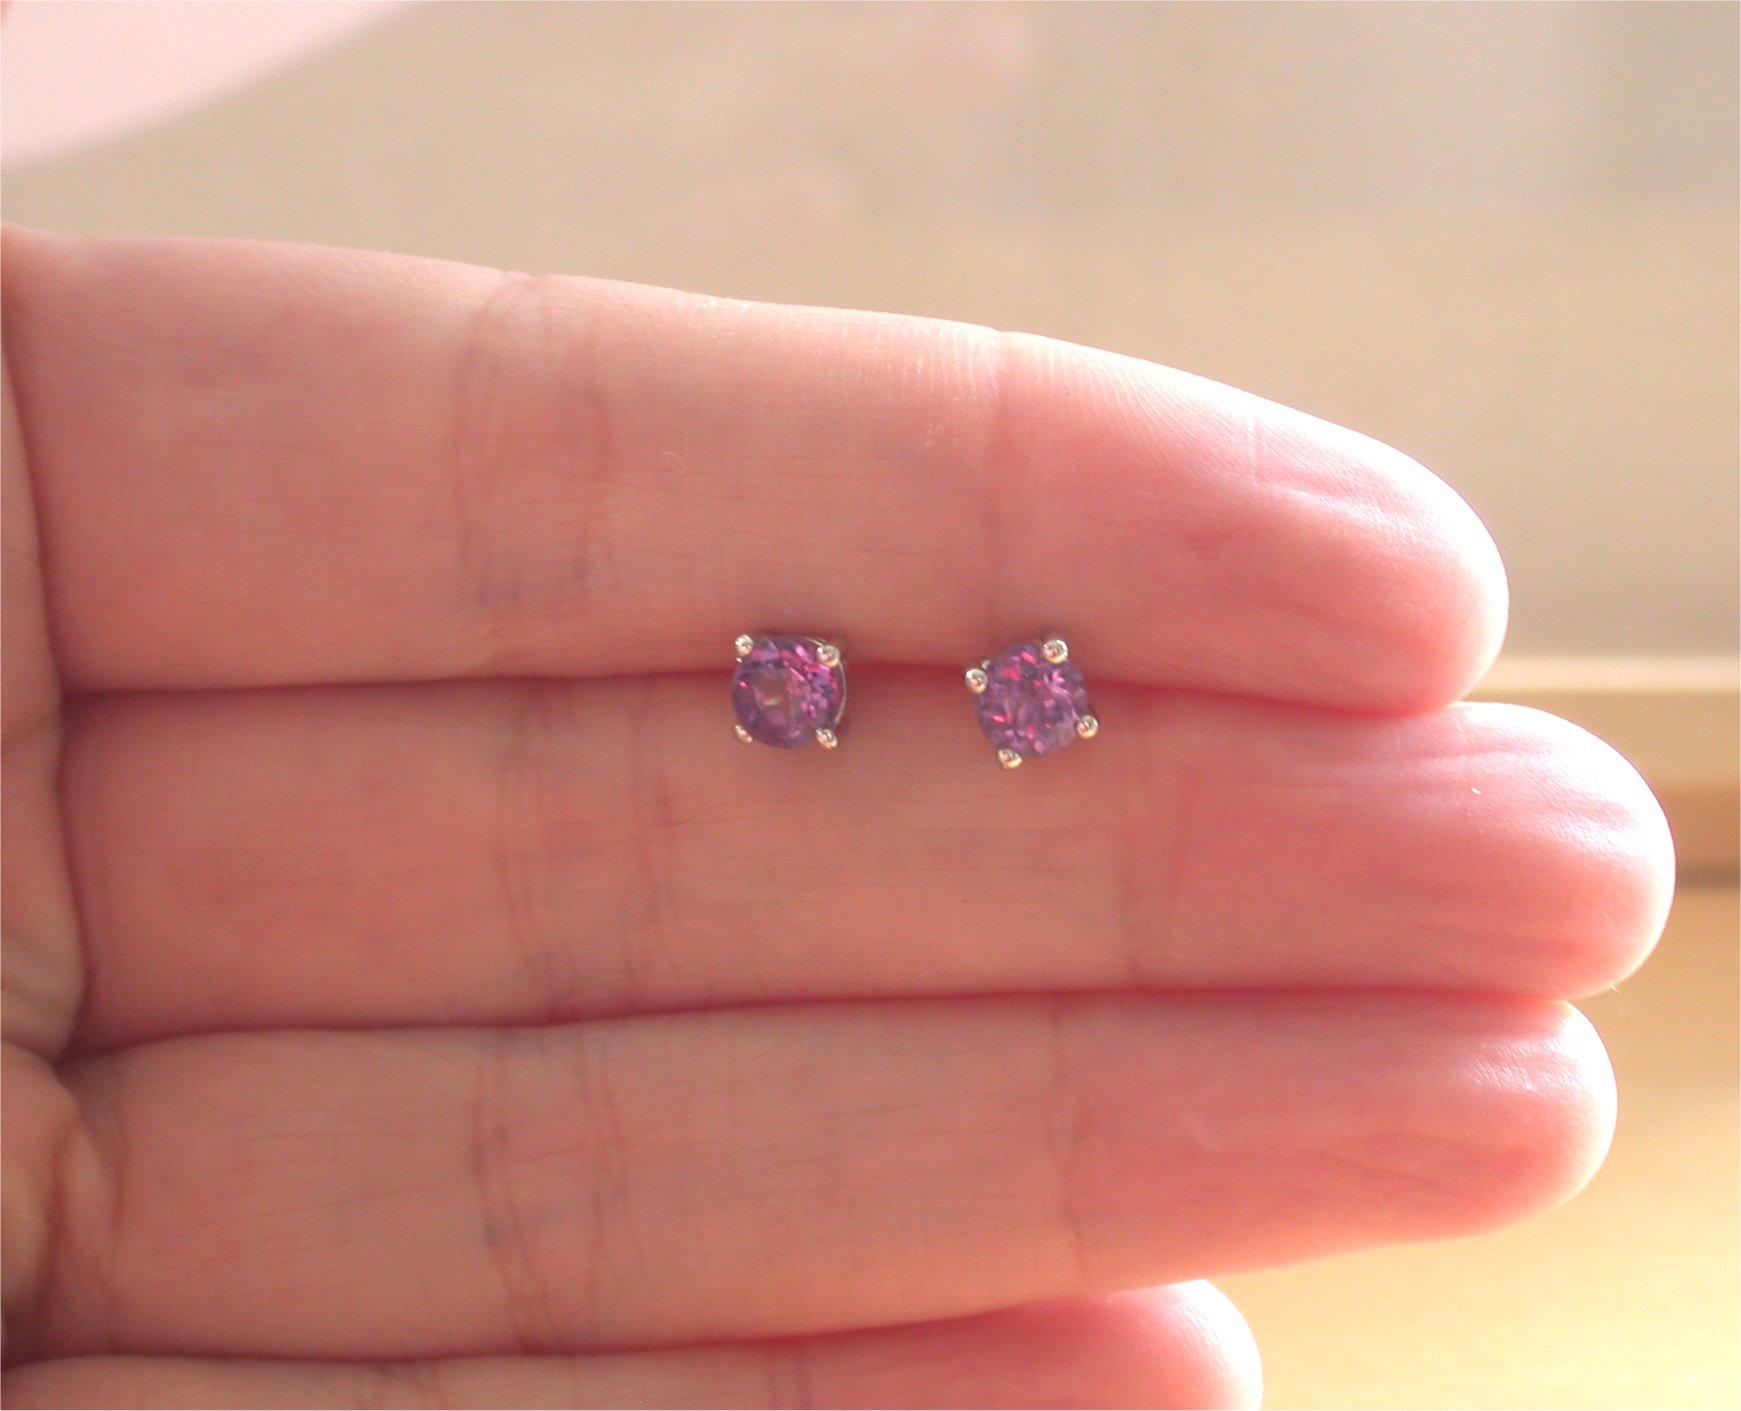 21d952c4a ... Amethyst Stud Earrings/Sterling Silver Amethyst Earrings/ Purple  Gemstone Earrings/Amethyst Jewellery/